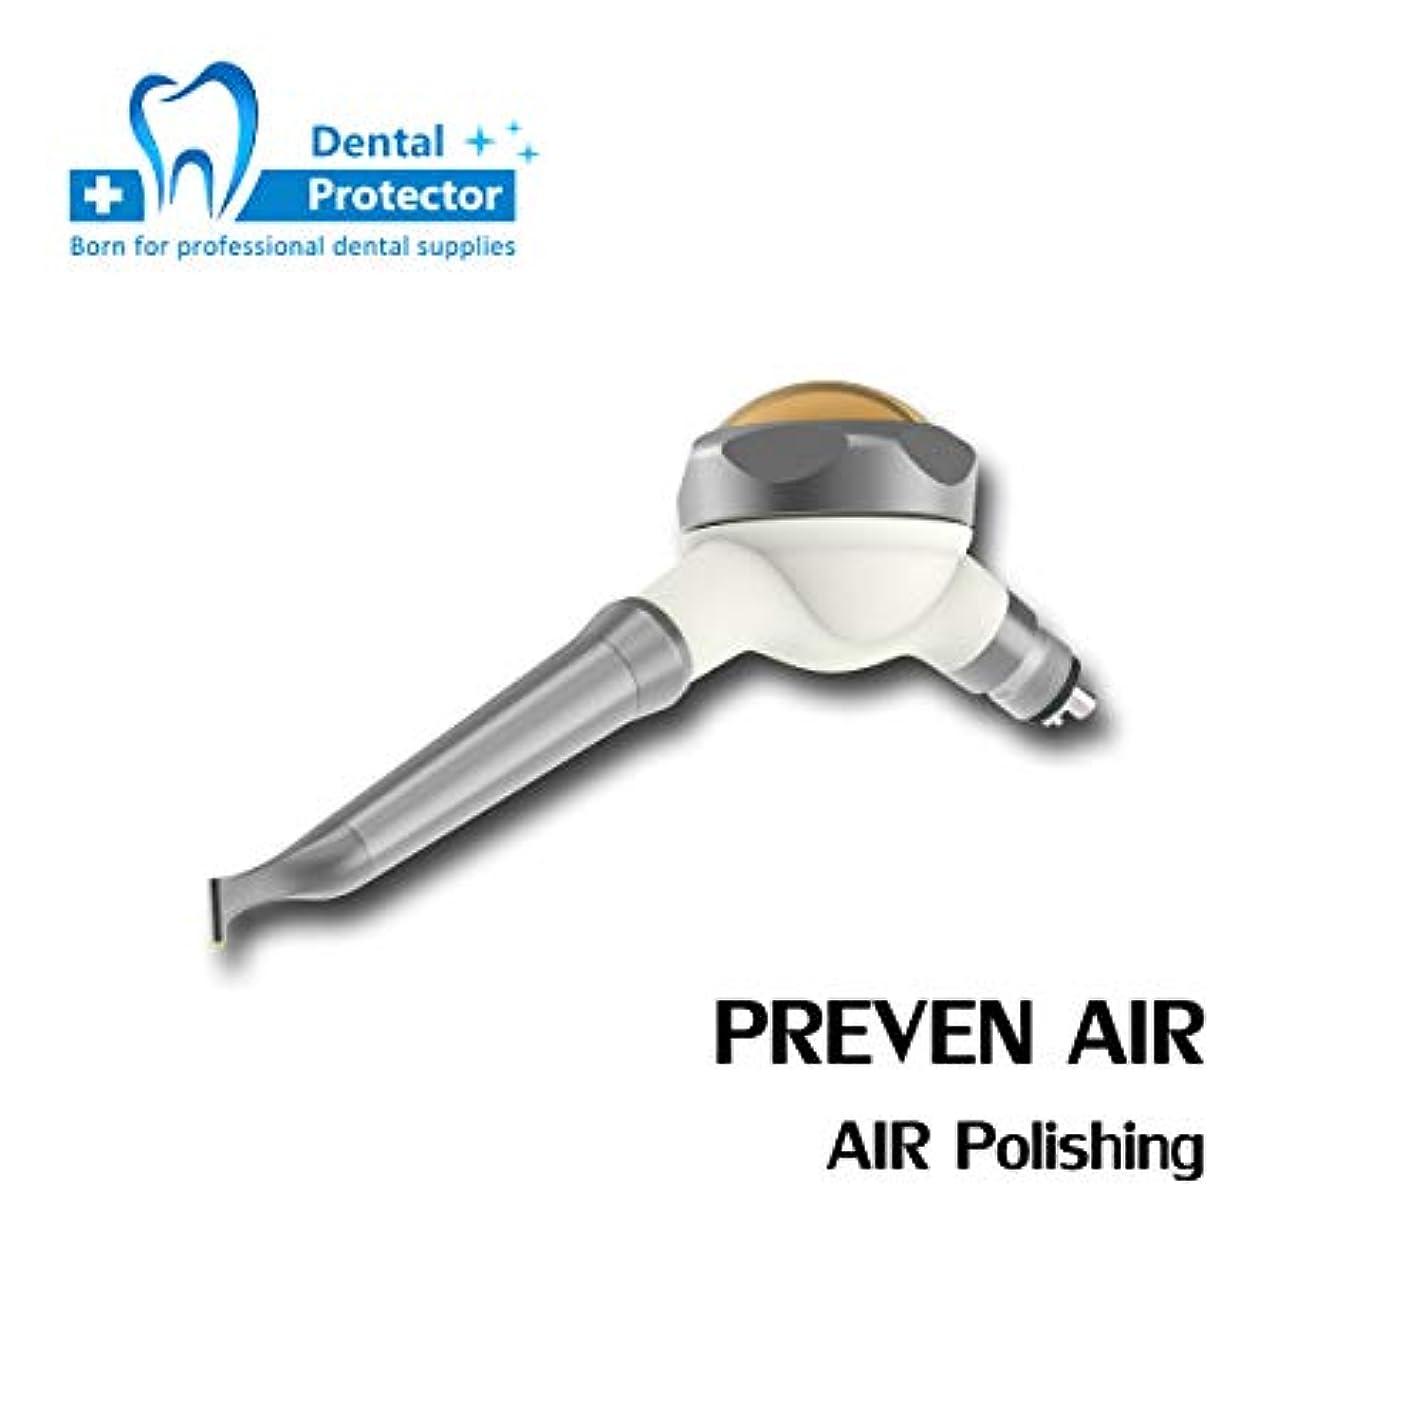 駐地襲撃行列歯科のためのKAVO及びM4と互換性がある3H予防的な気流の歯の磨く機械衛生学Prophy